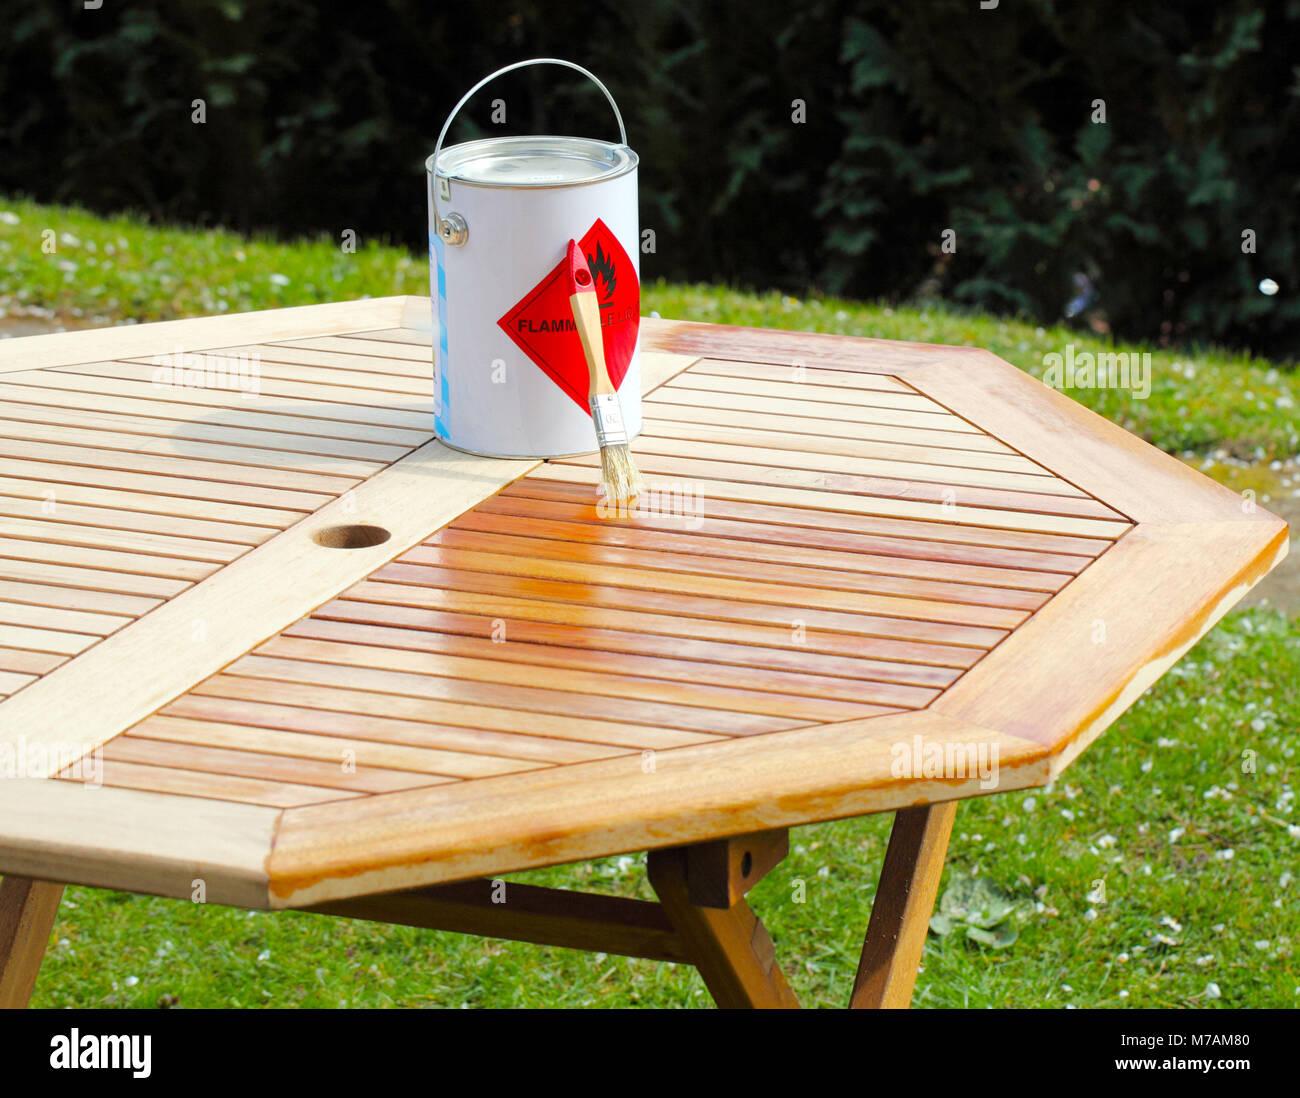 Paint Bucket On Garden Table Stock Photo Alamy